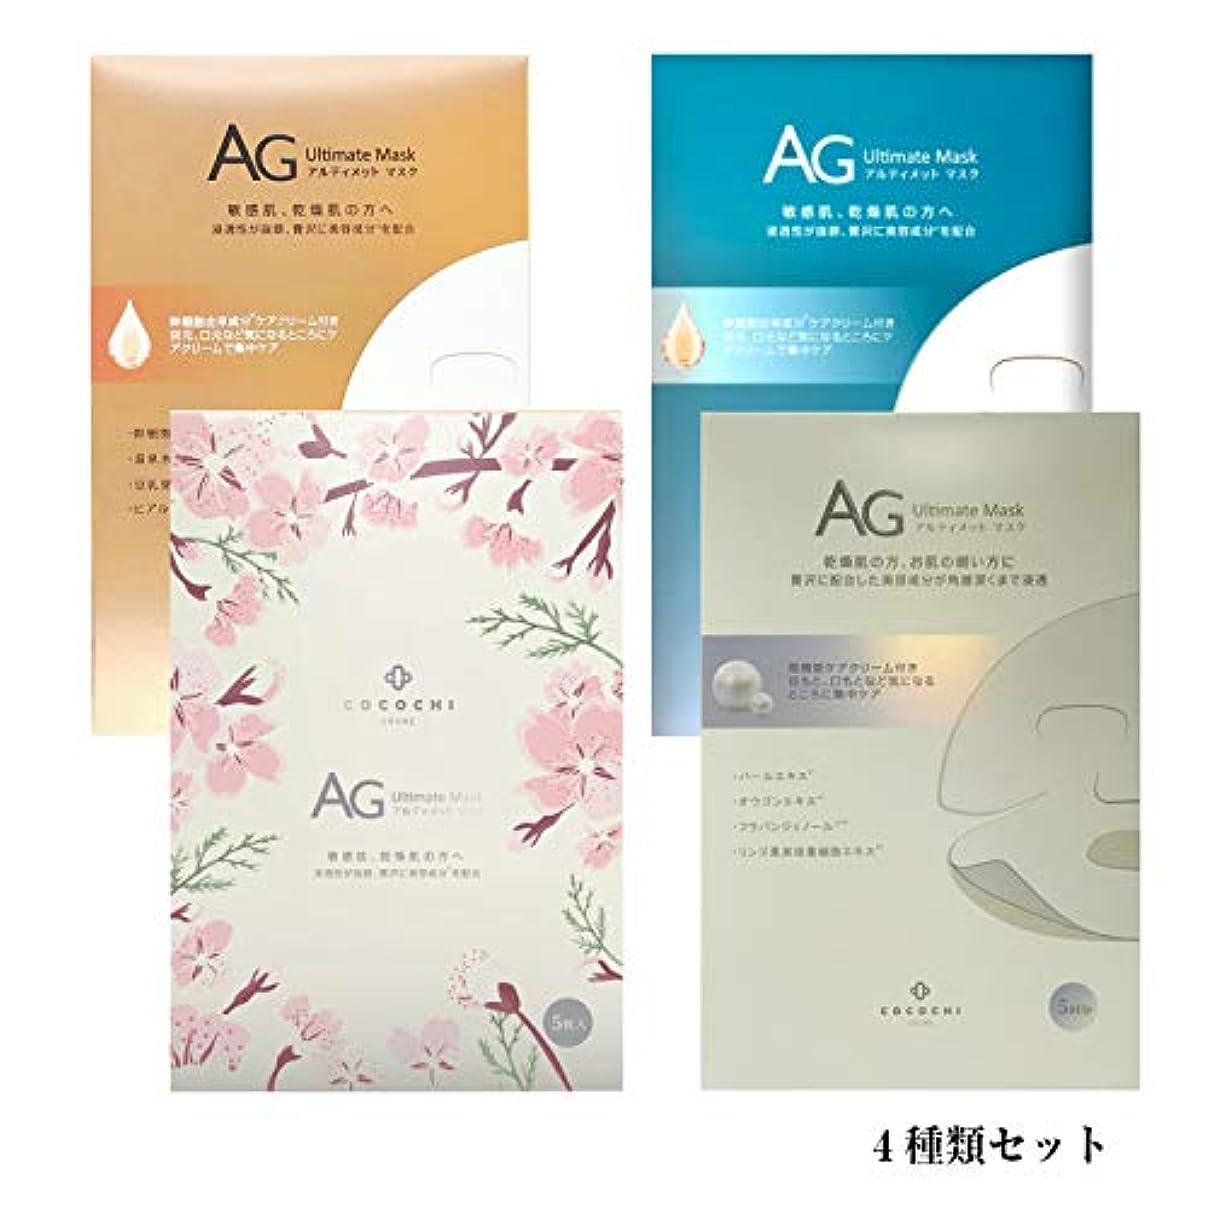 放棄ワイヤーと組むAGアルティメットマスク 4種類セット AG アルティメットマスク/オーシャンマスク/さくら/アコヤ真珠マスク